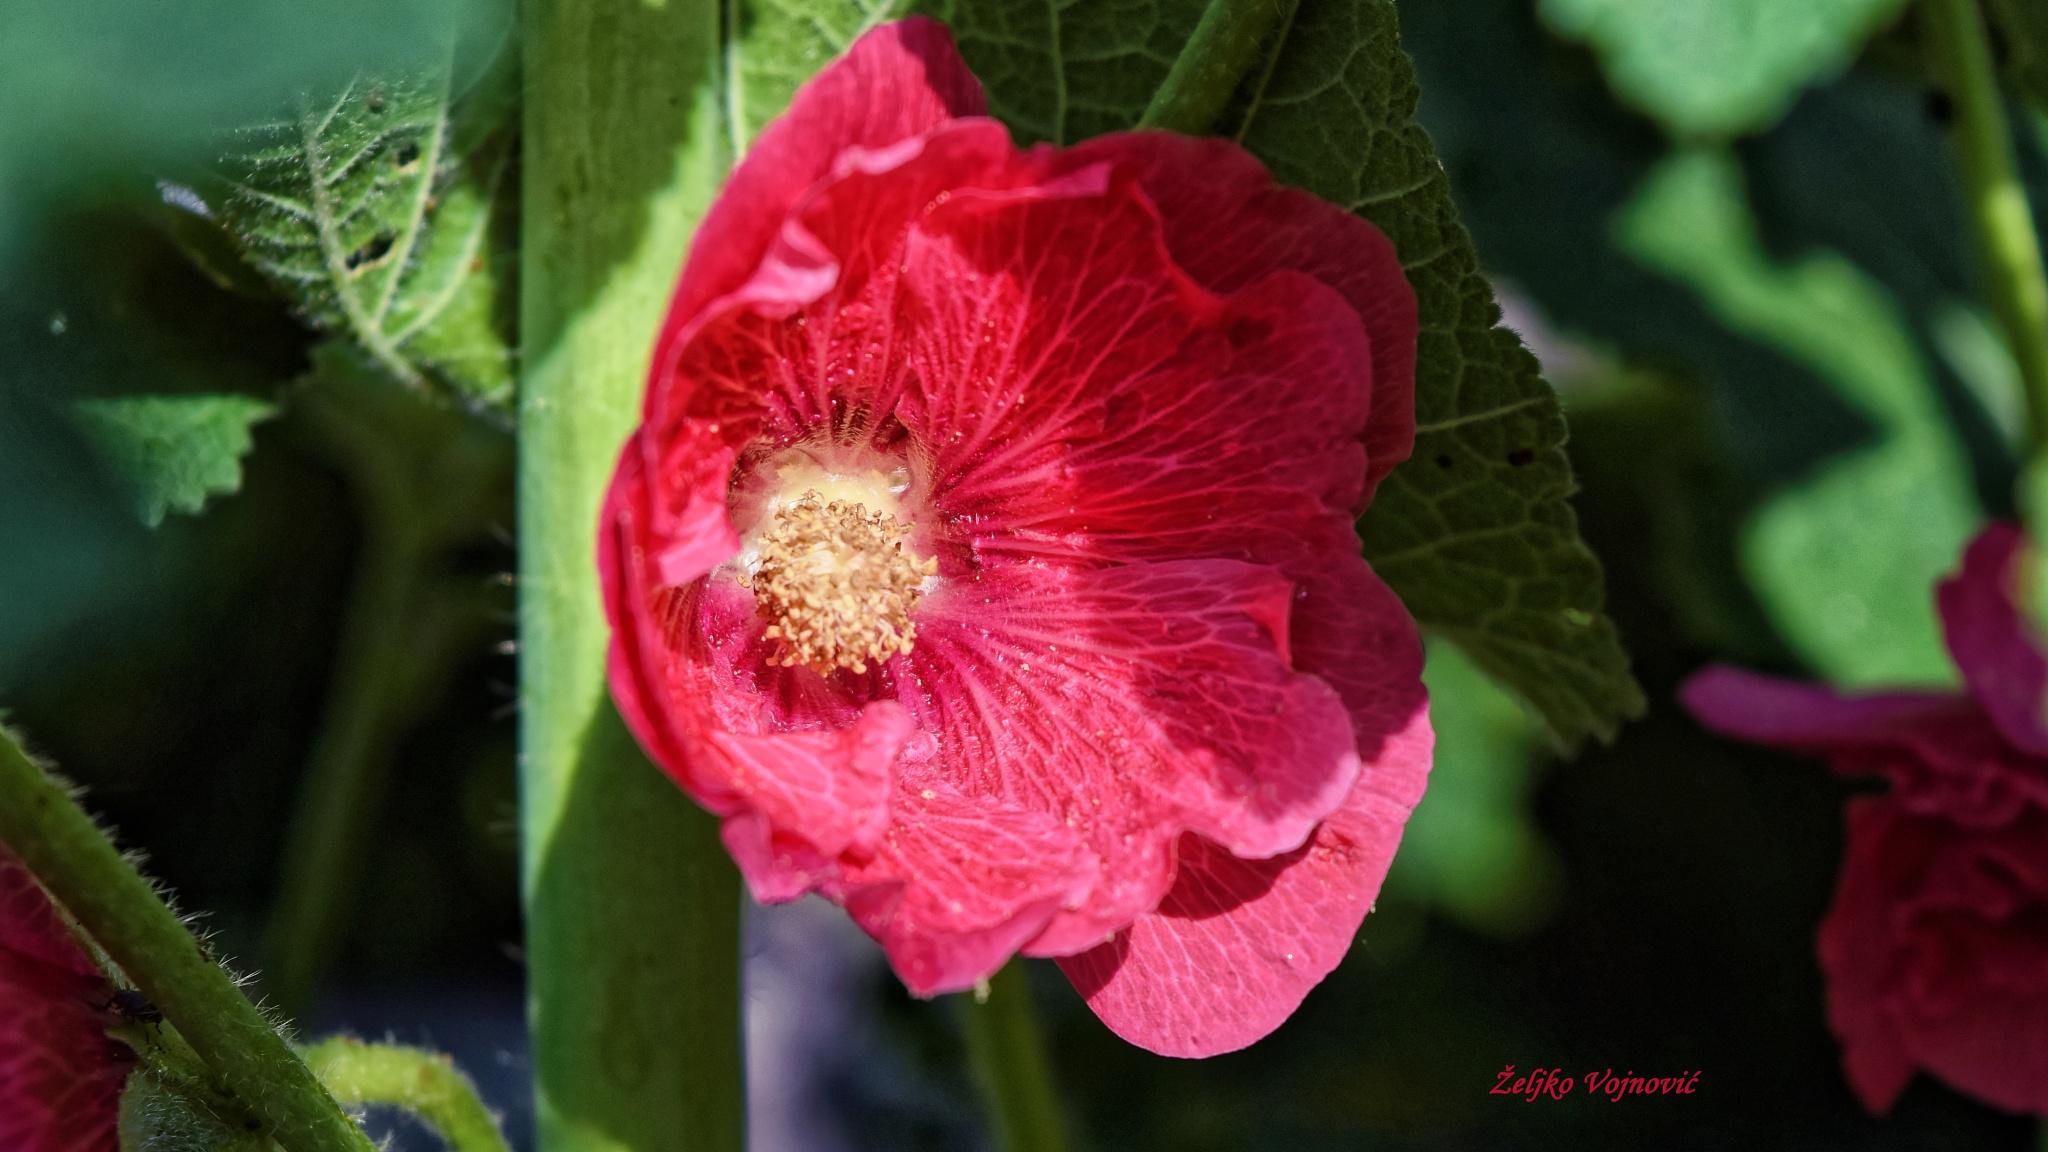 Flower by Željko Vojnović